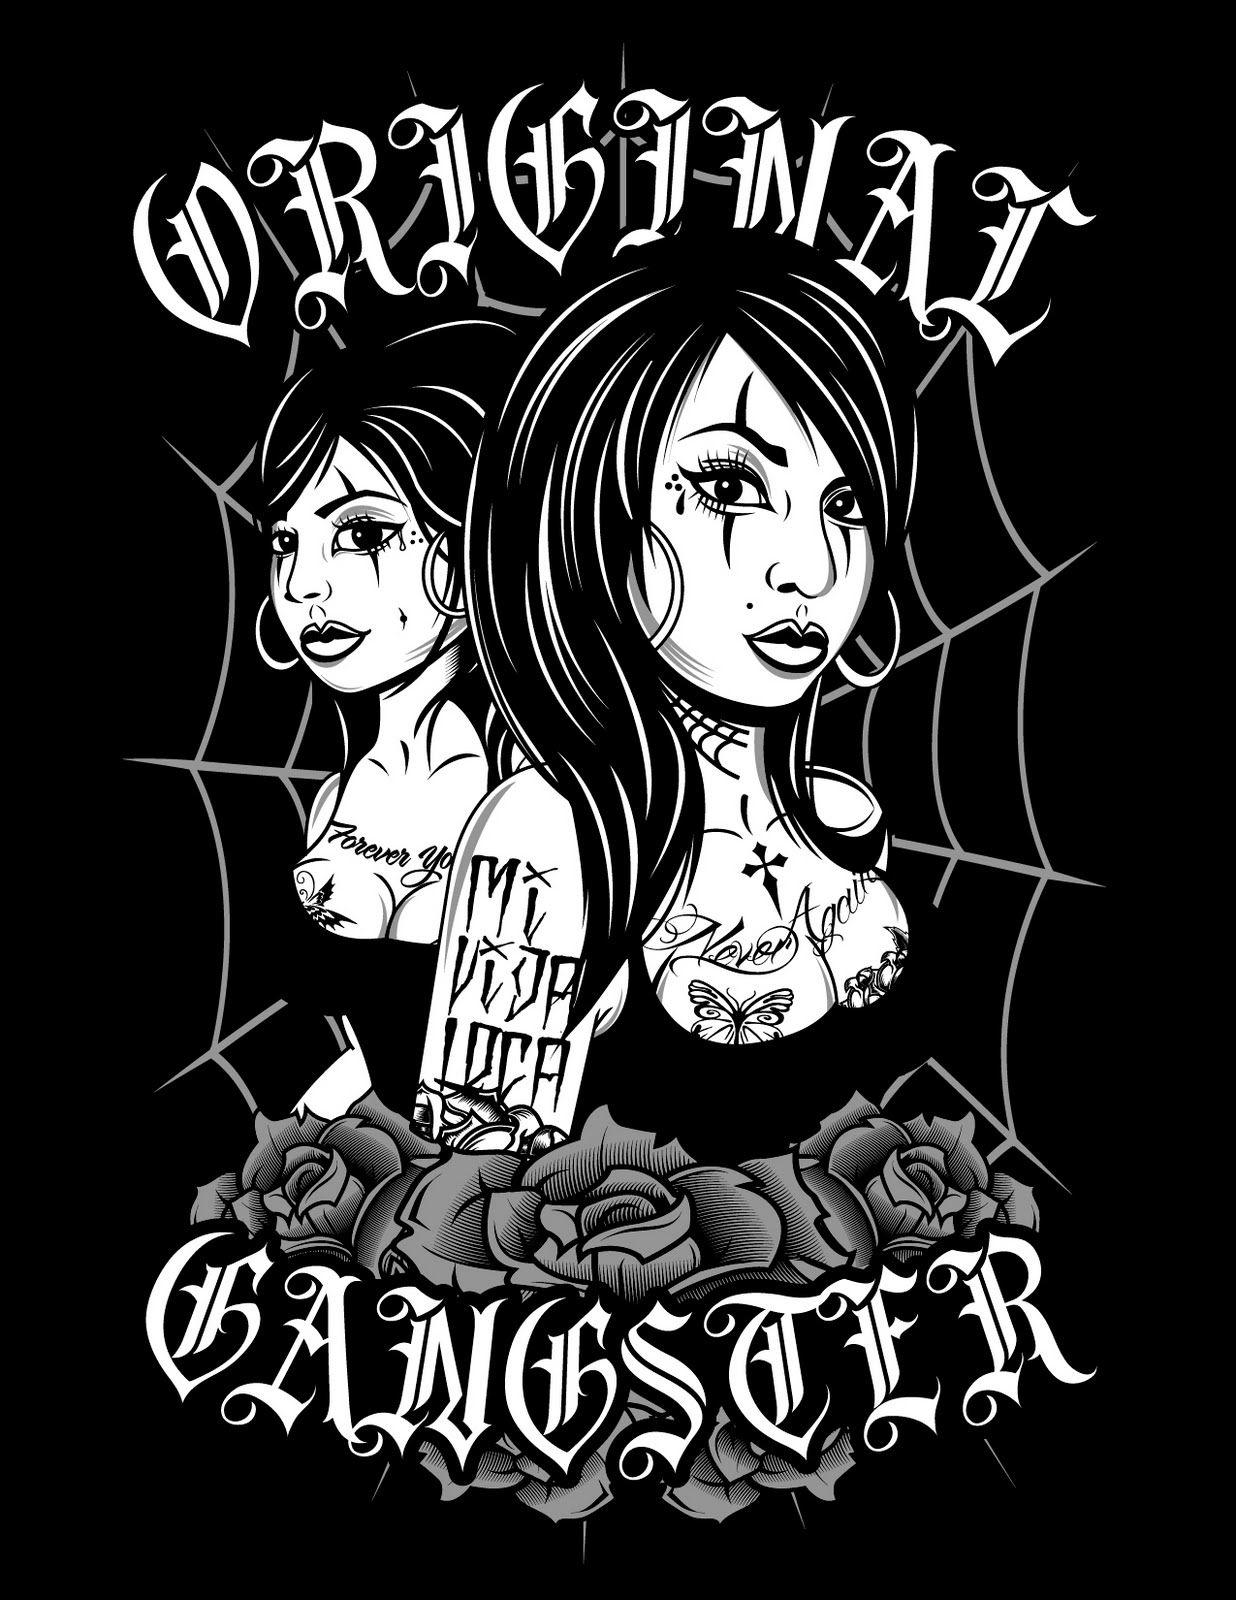 gangster skull logo original gangster vintage oldies pin up